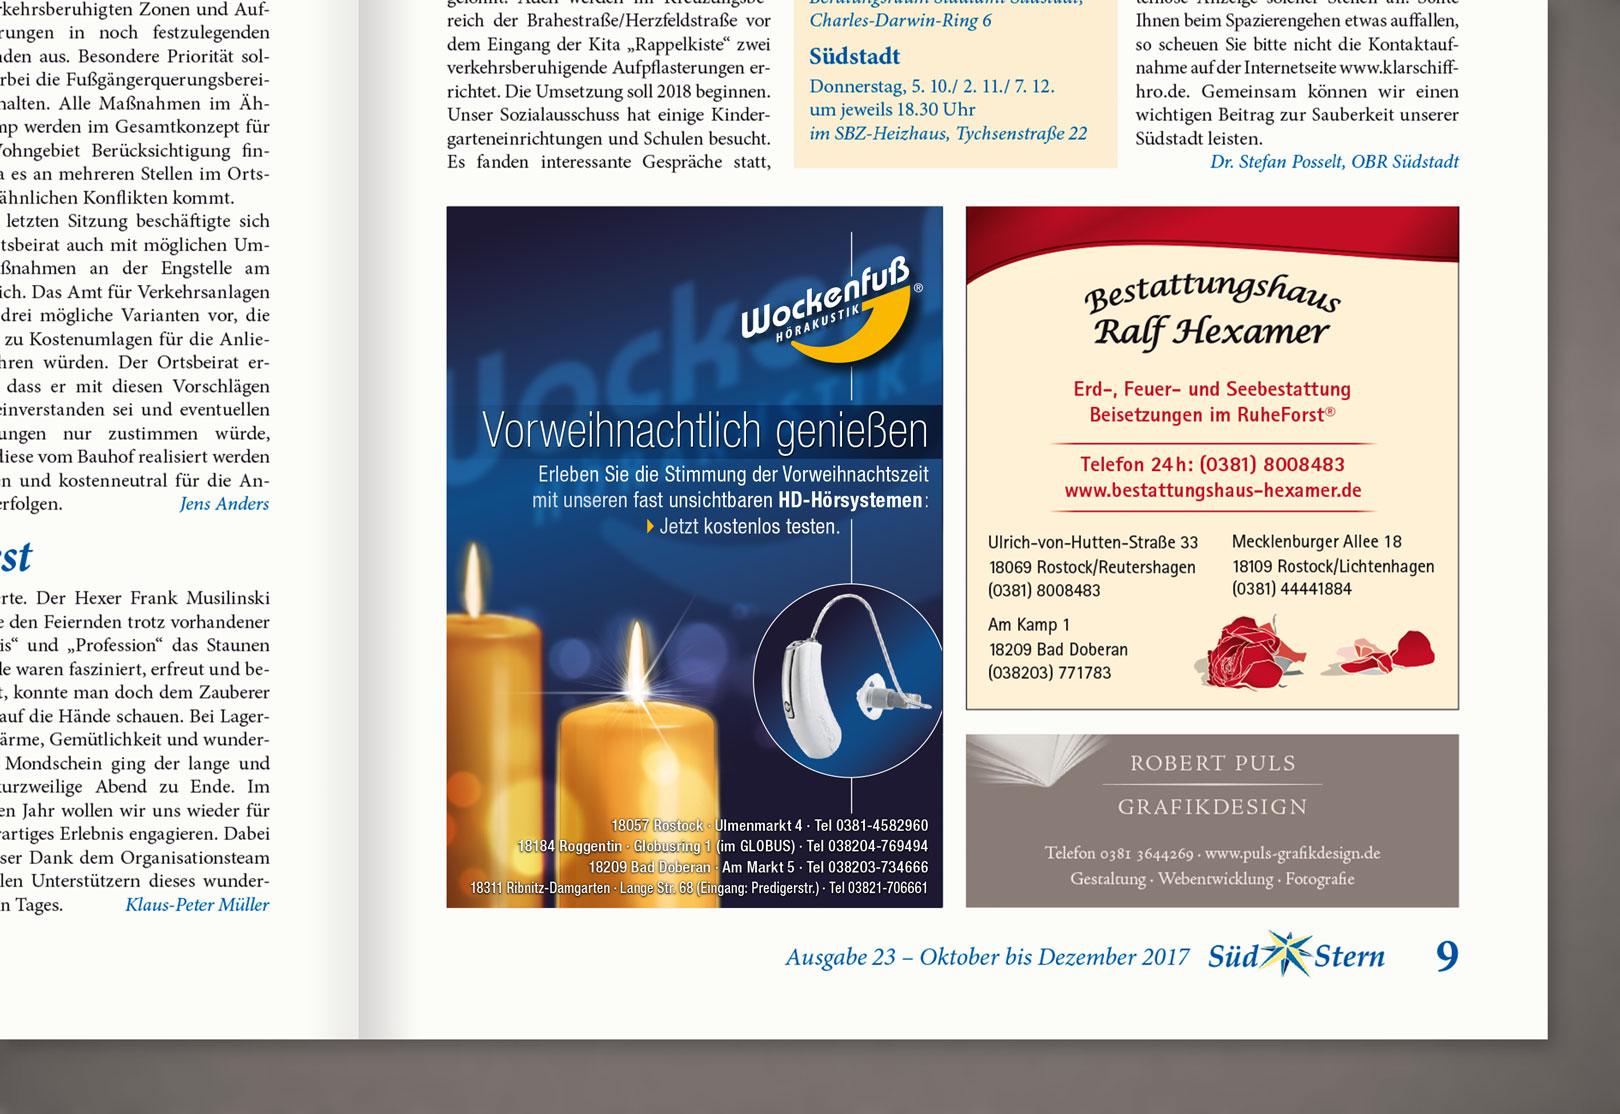 Puls Grafikdesign · Anzeigen-Werbung · Gestaltung · Rostock